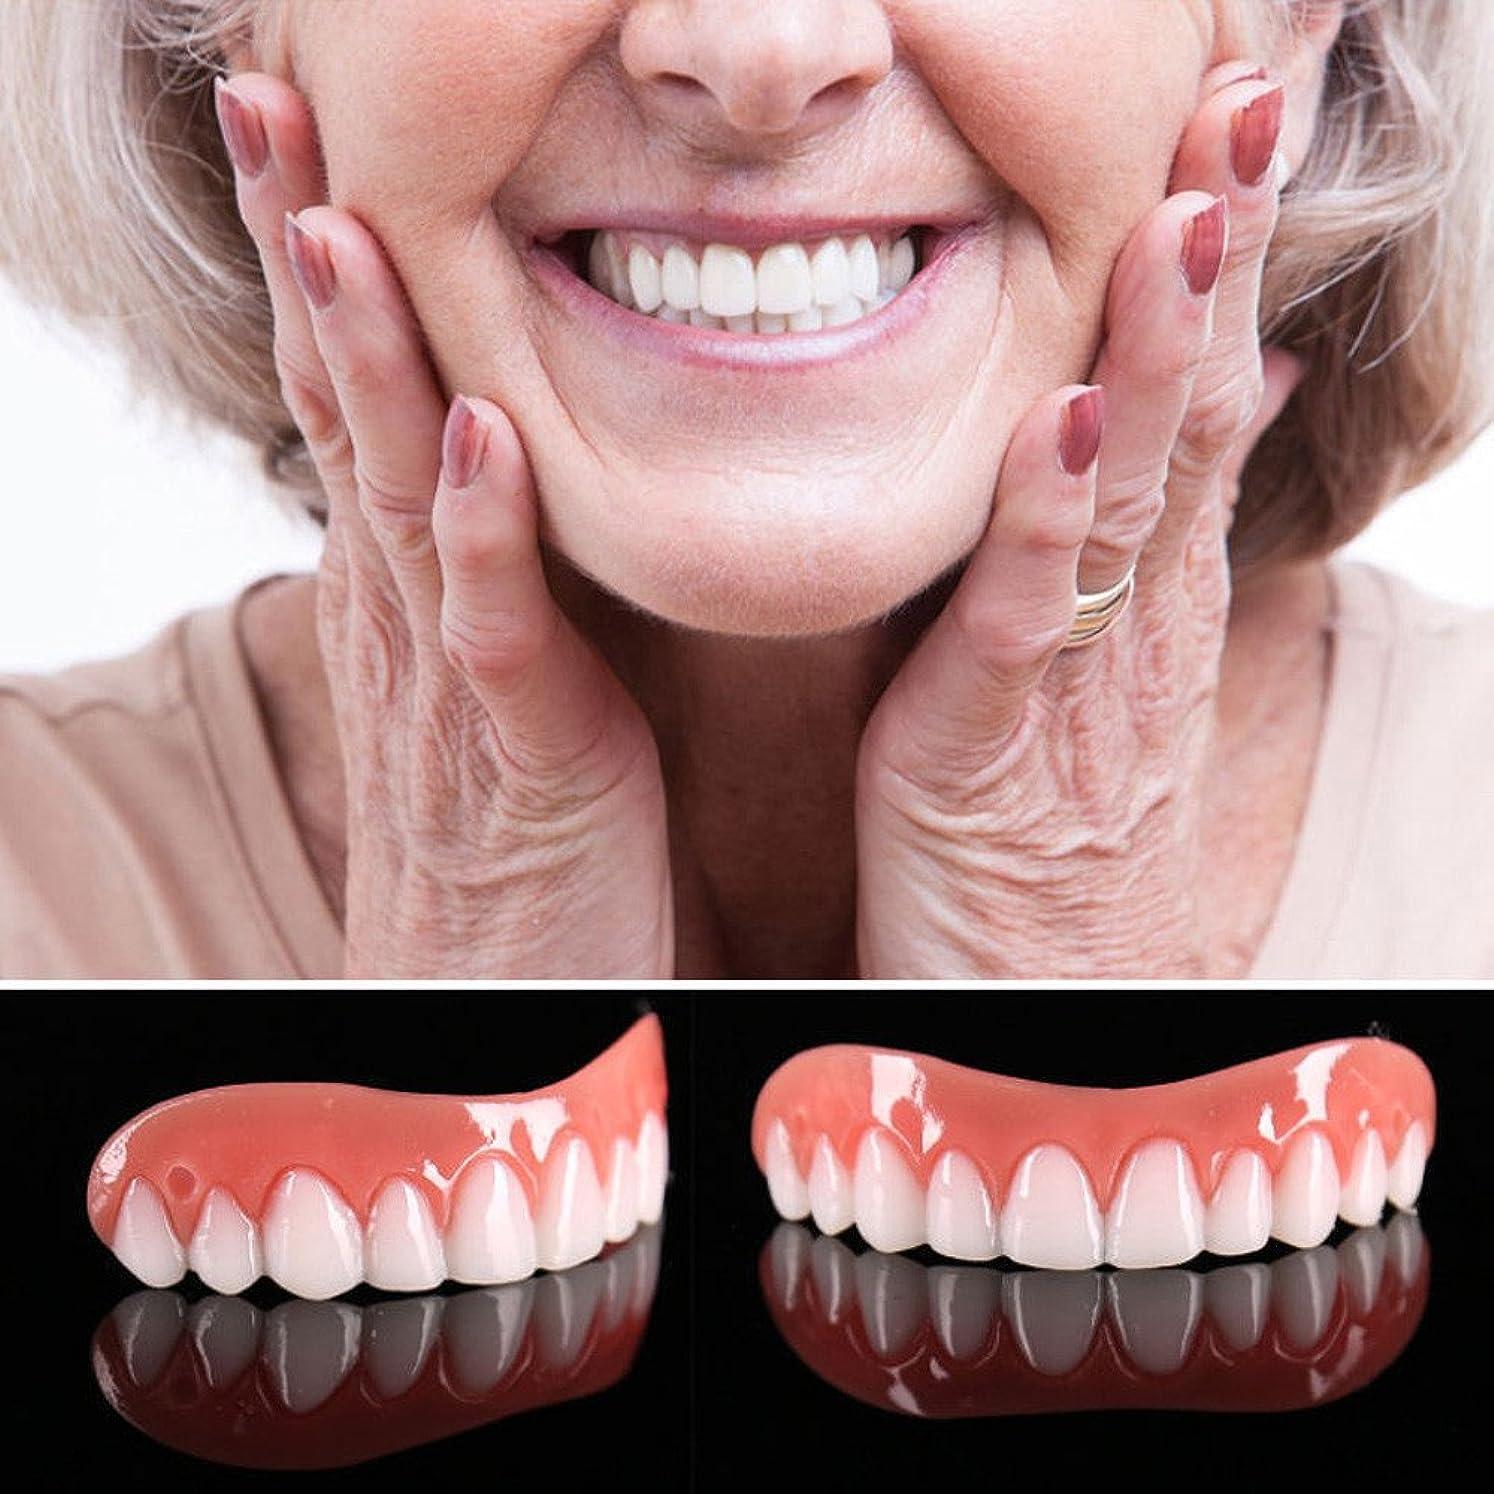 ブッシュ騒ぎリンケージ5ピースアッパーフェイク歯科用ベニアコンフォートフィット歯トップ化粧品ベニアワンサイズフィットすべての義歯接着剤歯偽義歯歯笑顔